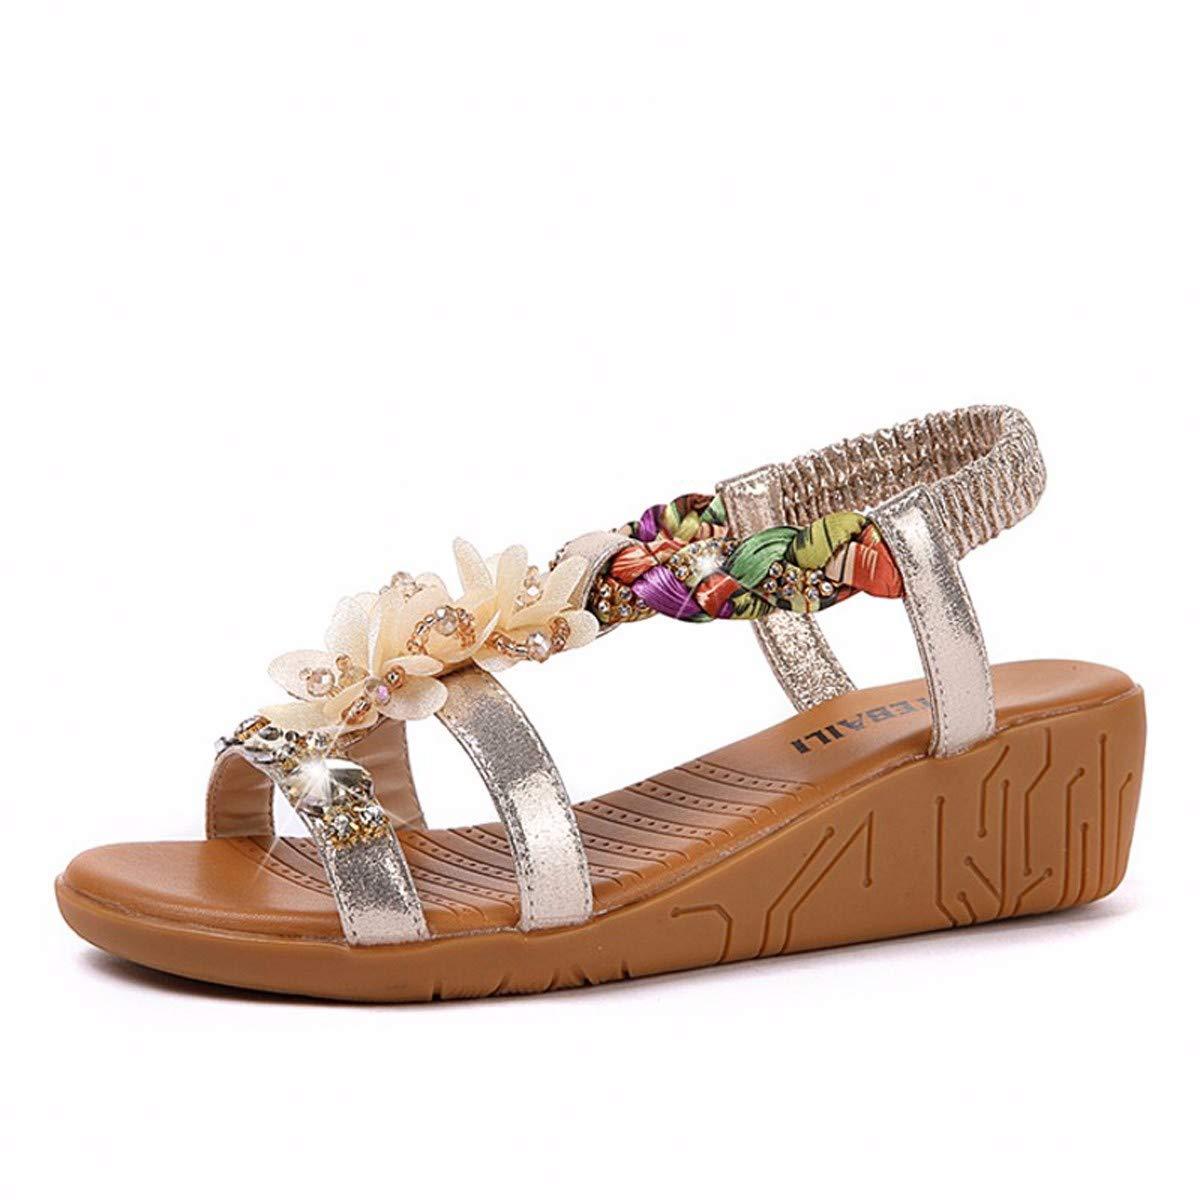 KOKQSX-Hang Schuhen Leder Damenschuhe Mode Joker Sandalen 35 die Silbernen